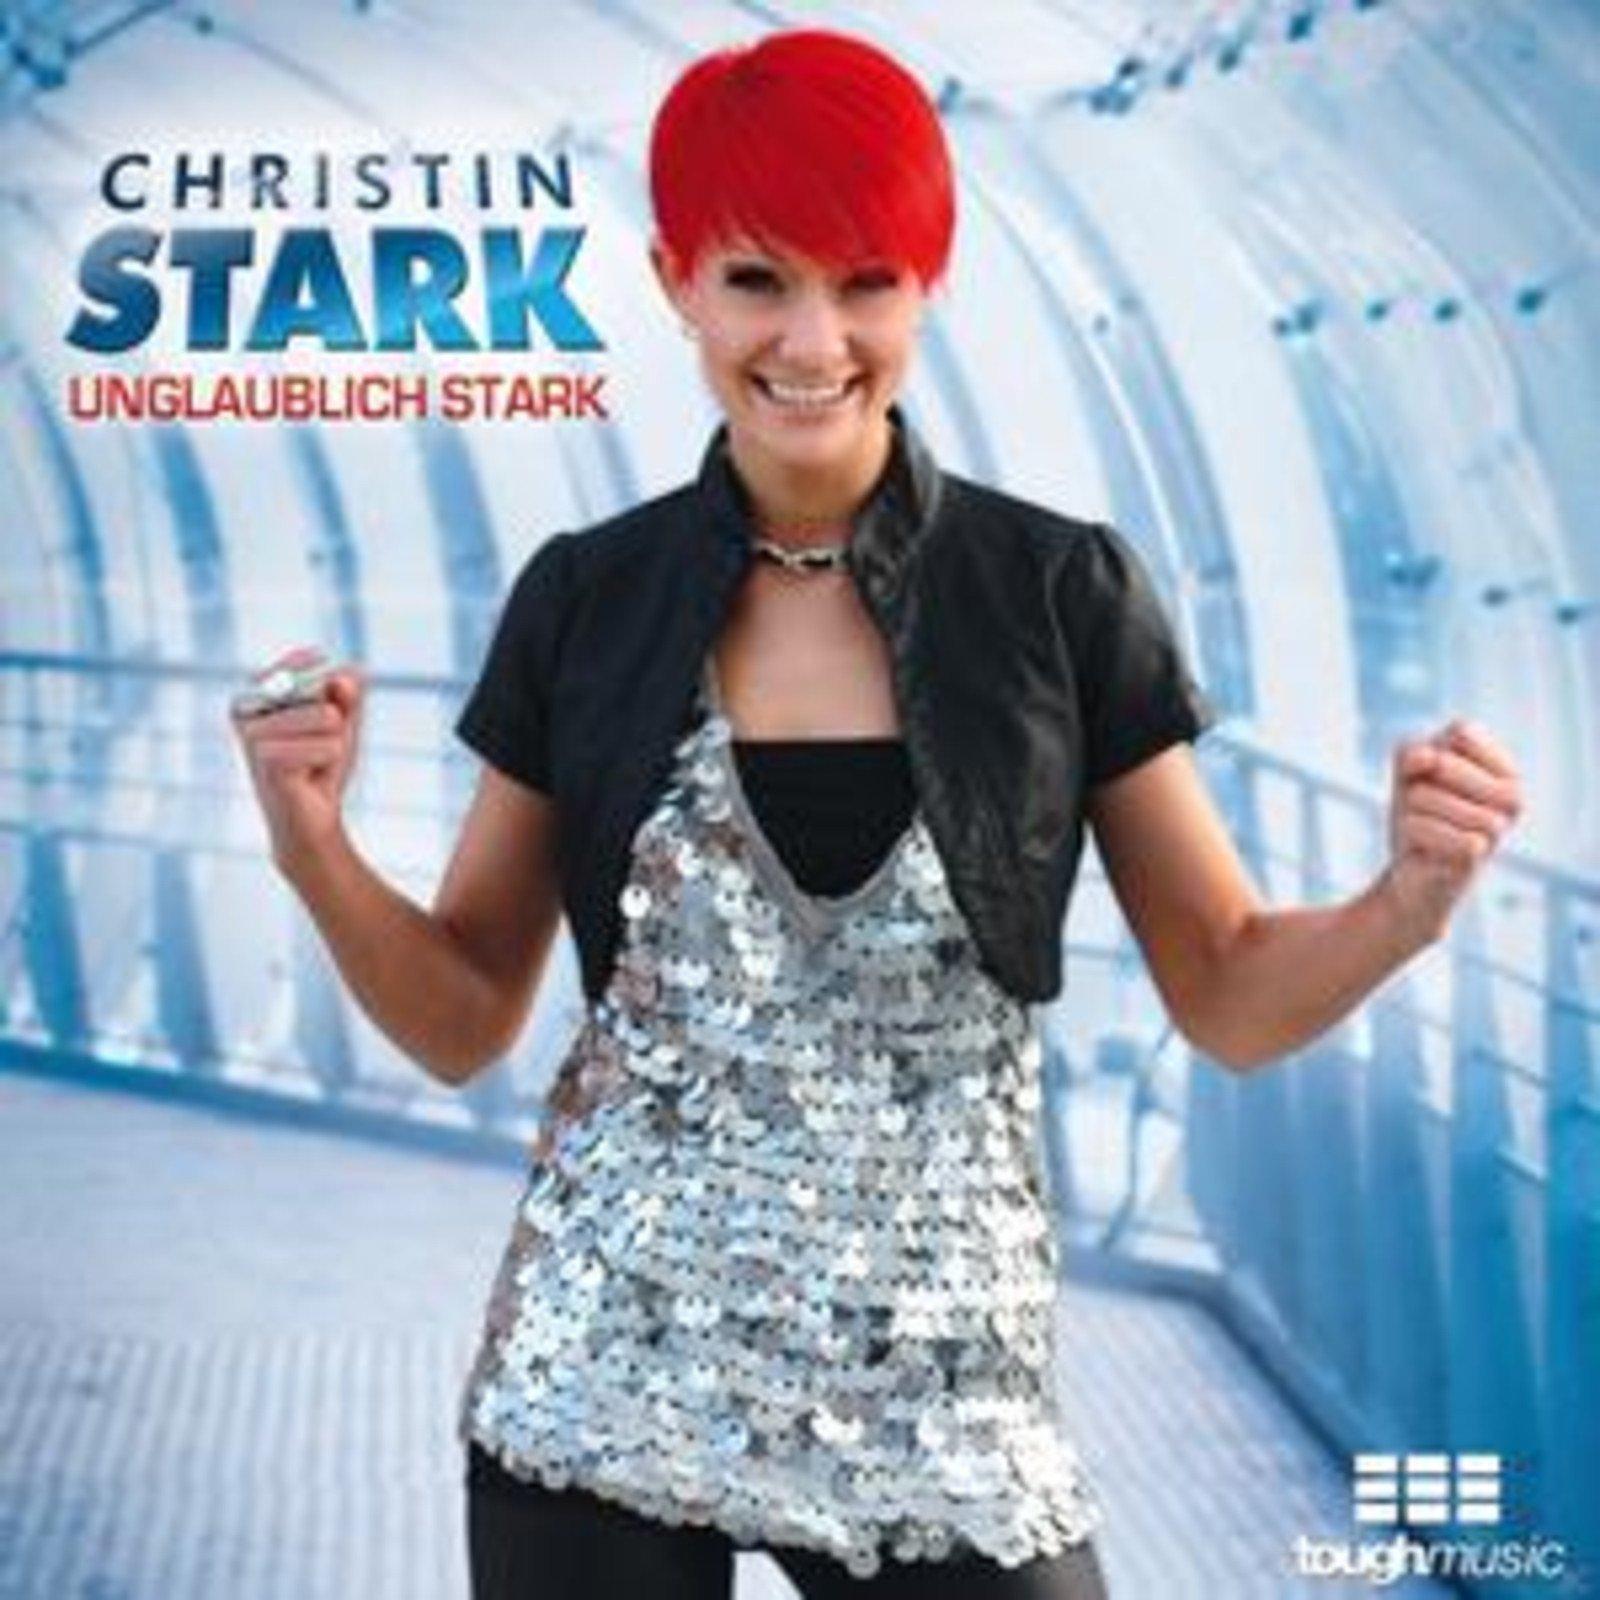 Christin Stark - Unglaublich Stark - (CD)